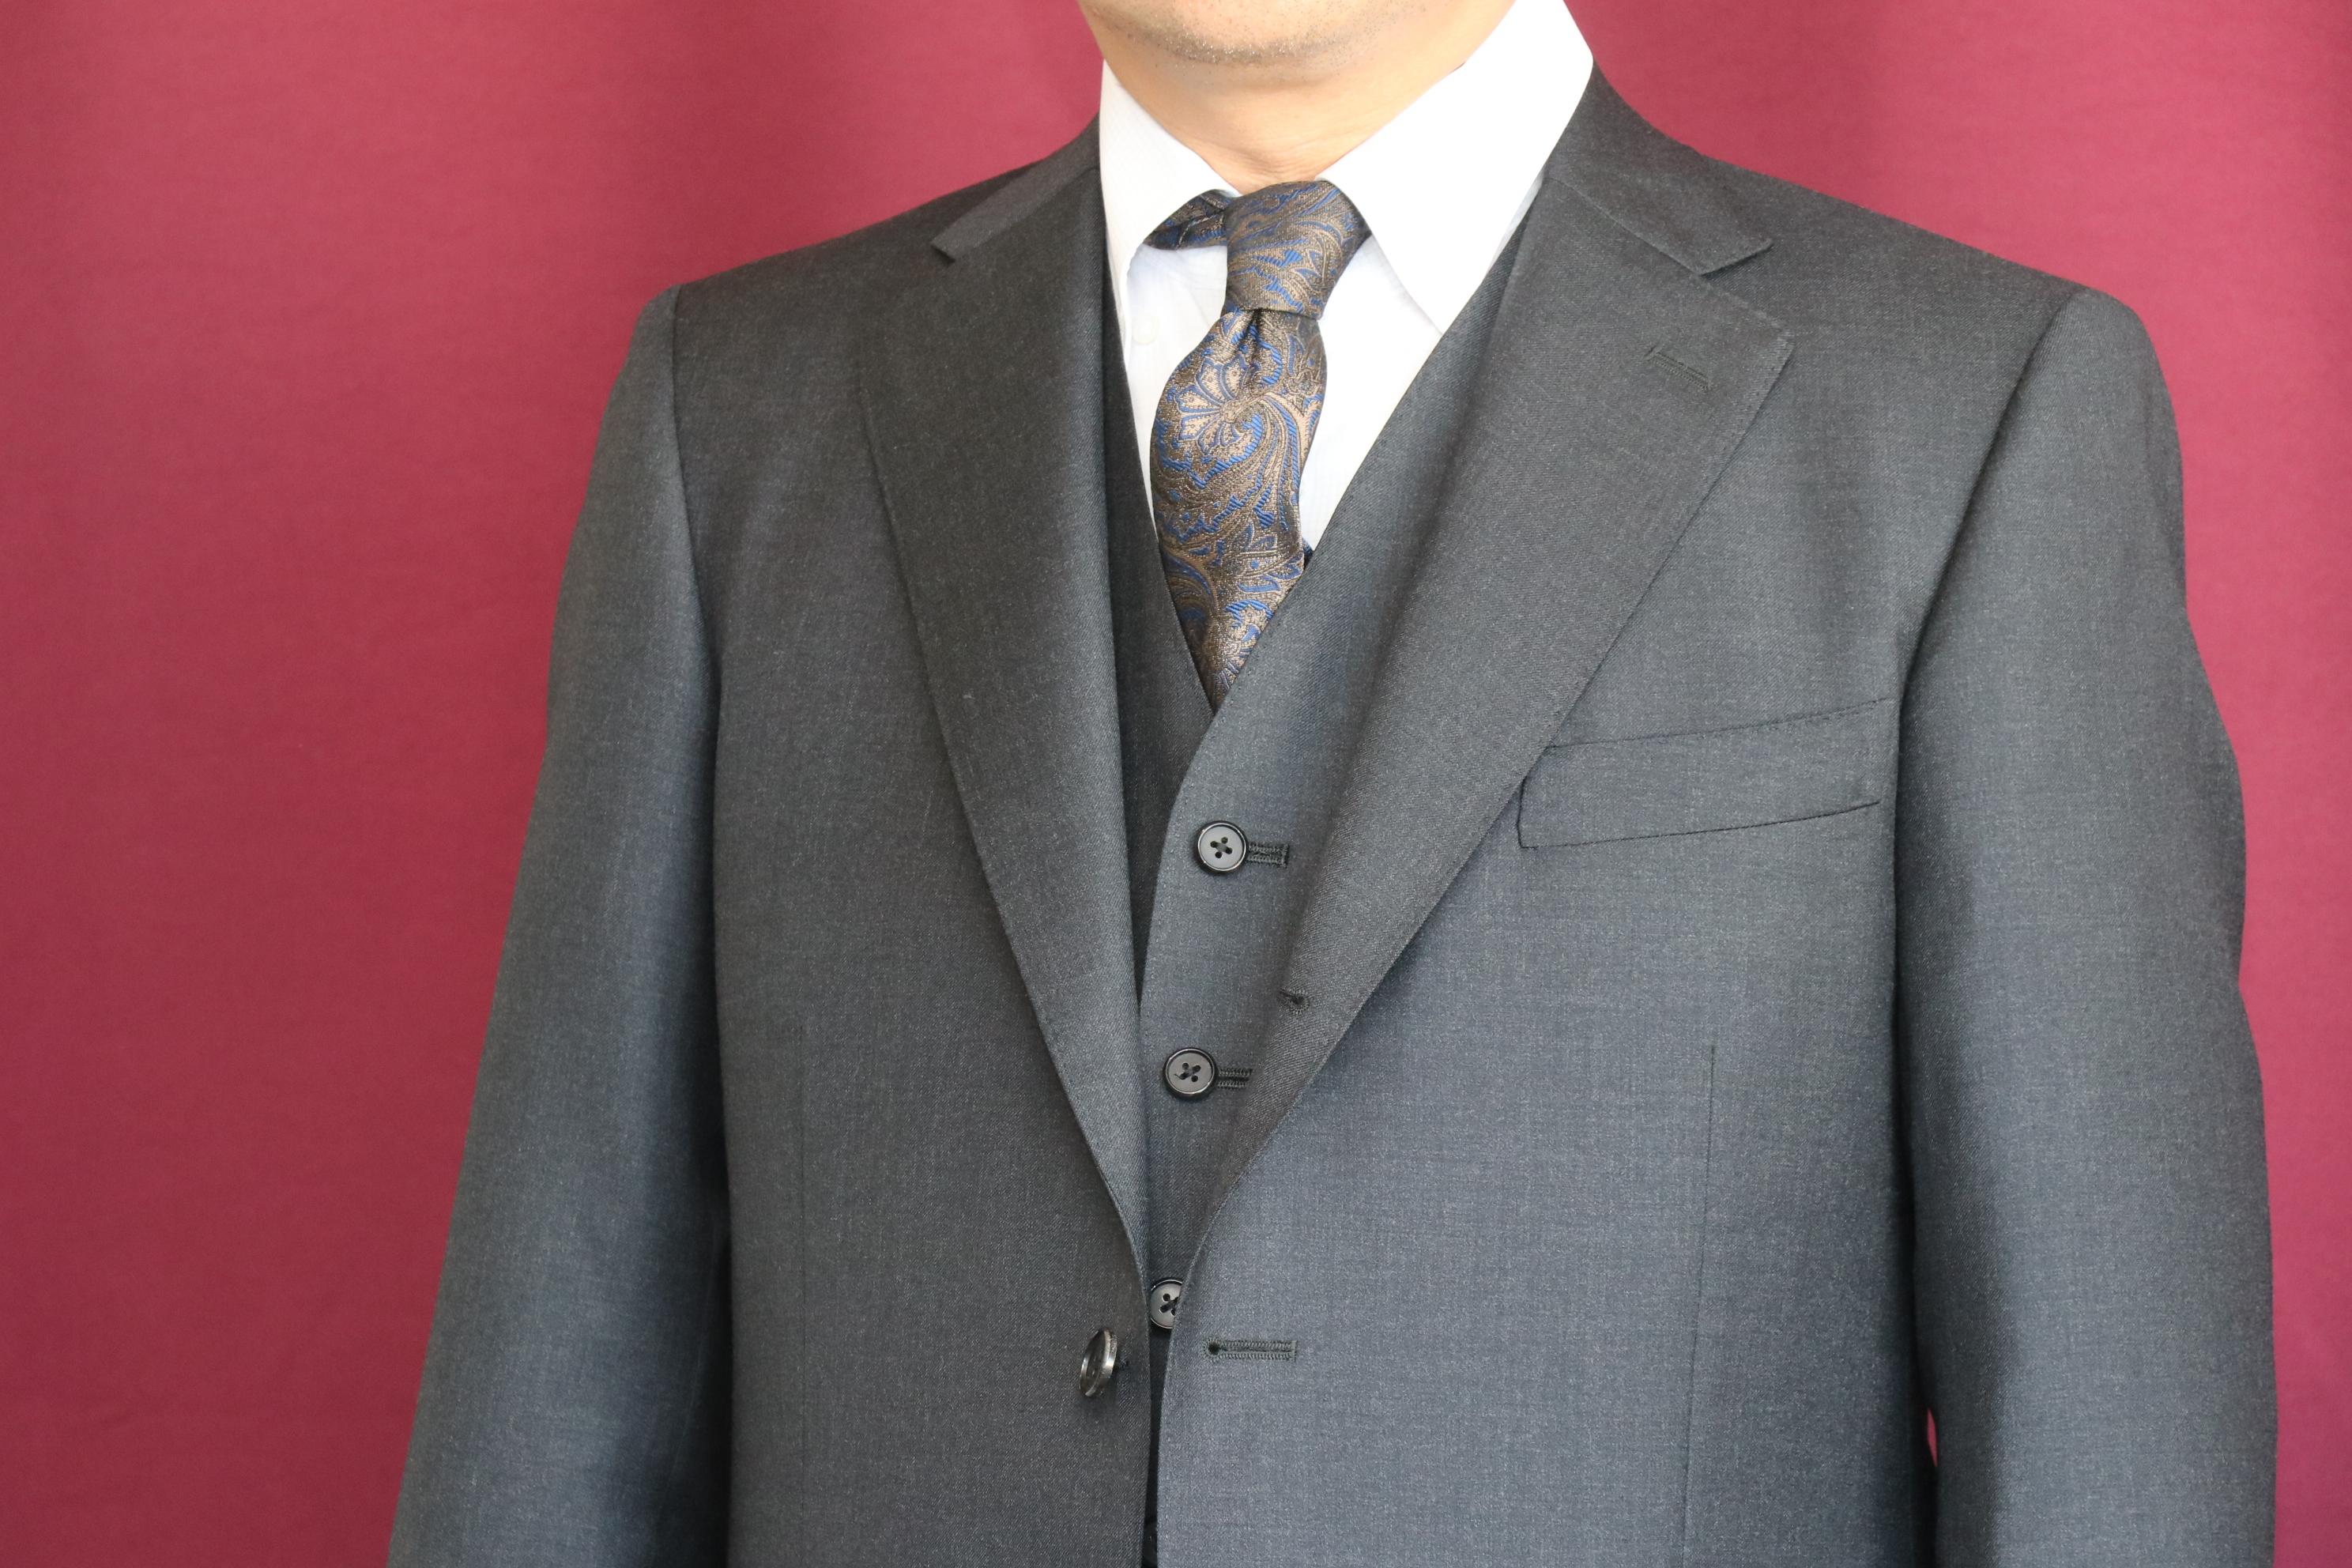 光沢感あるチャコールグレーのスリーピース にクラシックなペイズリーのネクタイを合わせる